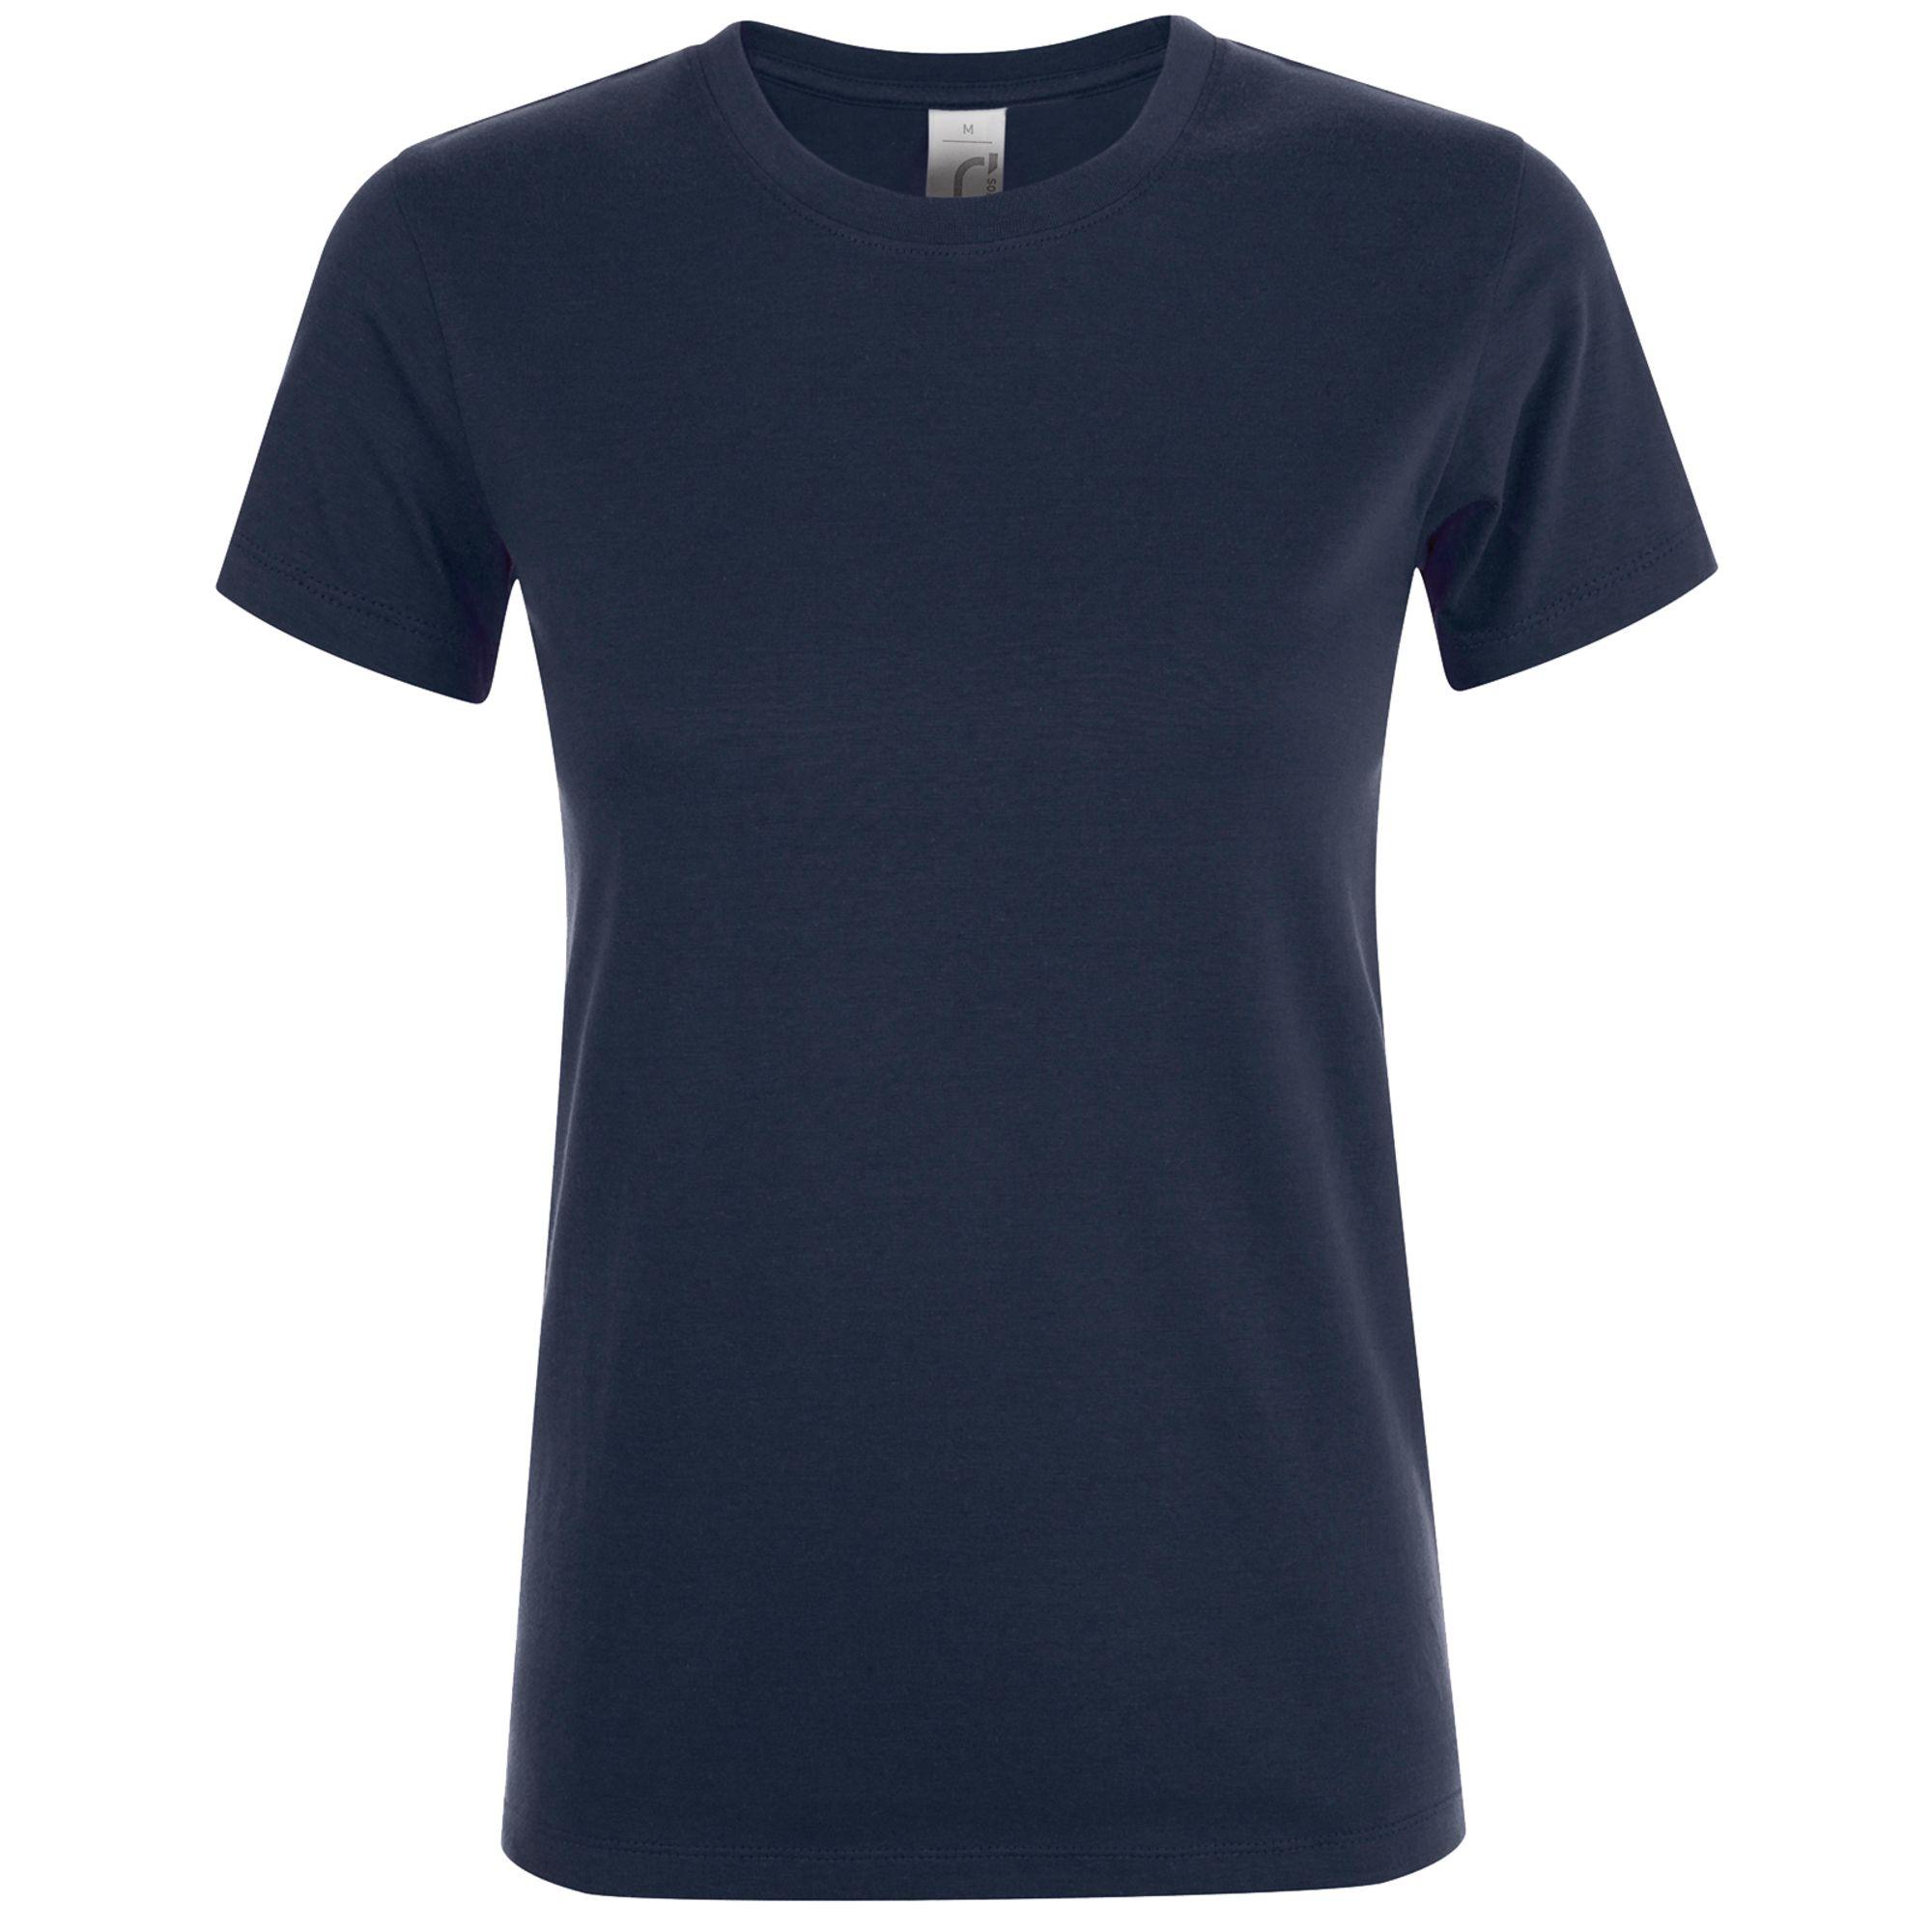 Футболка женская REGENT WOMEN, кобальт (темно-синяя)